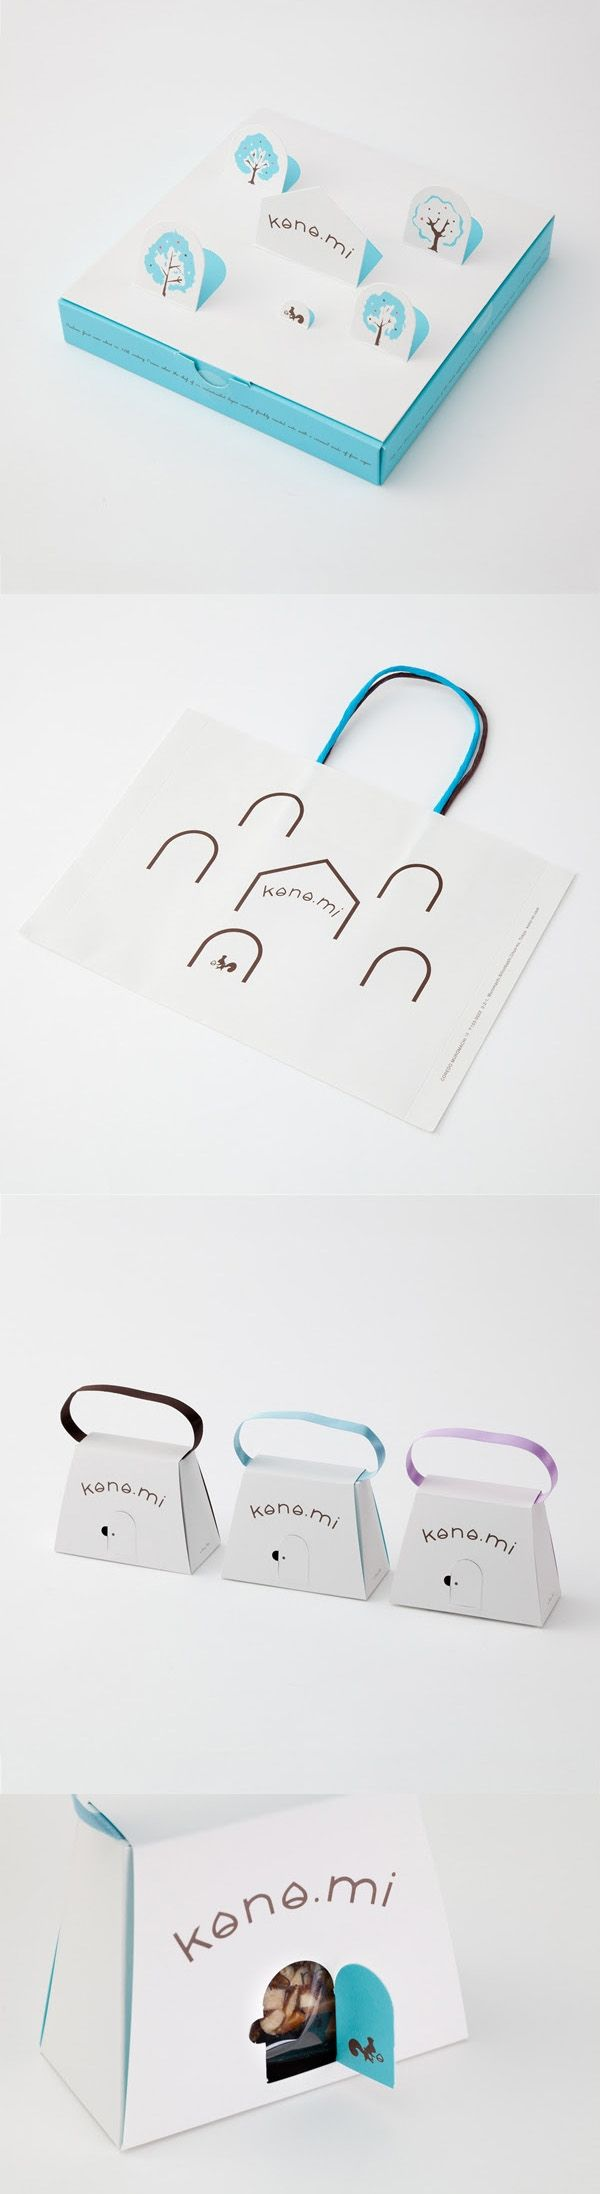 kono.mi sweet goody #packaging PD